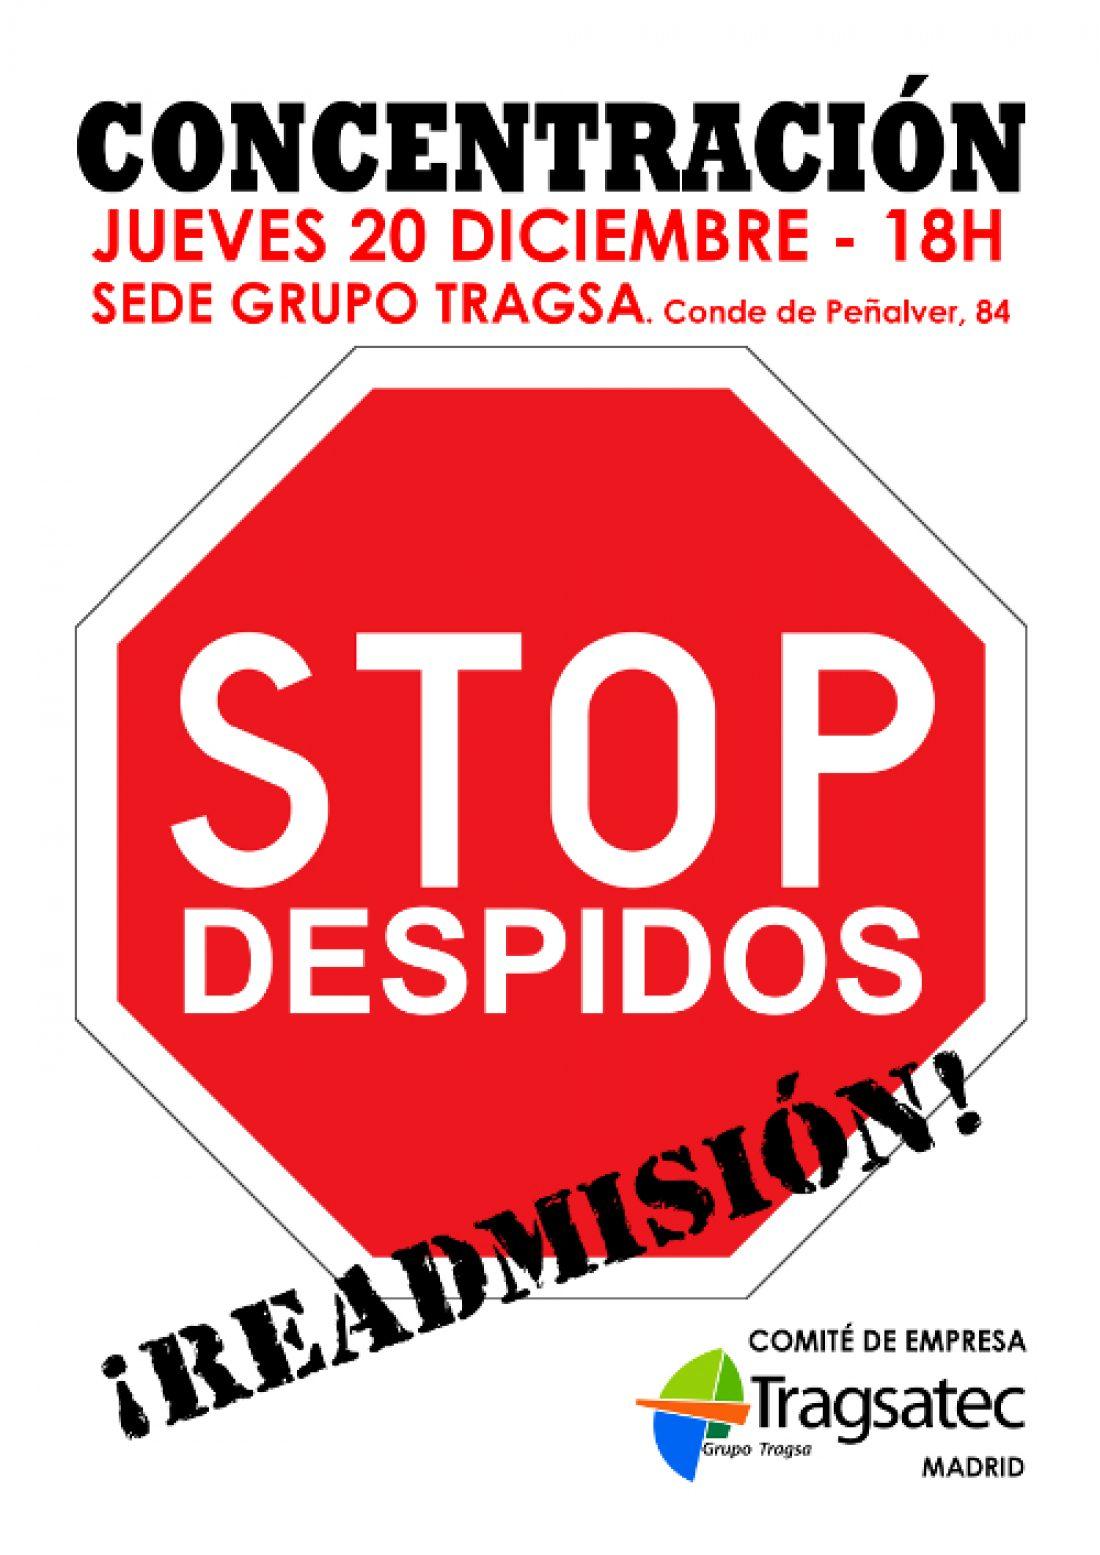 Concentración contra los despidos en Tragsatec